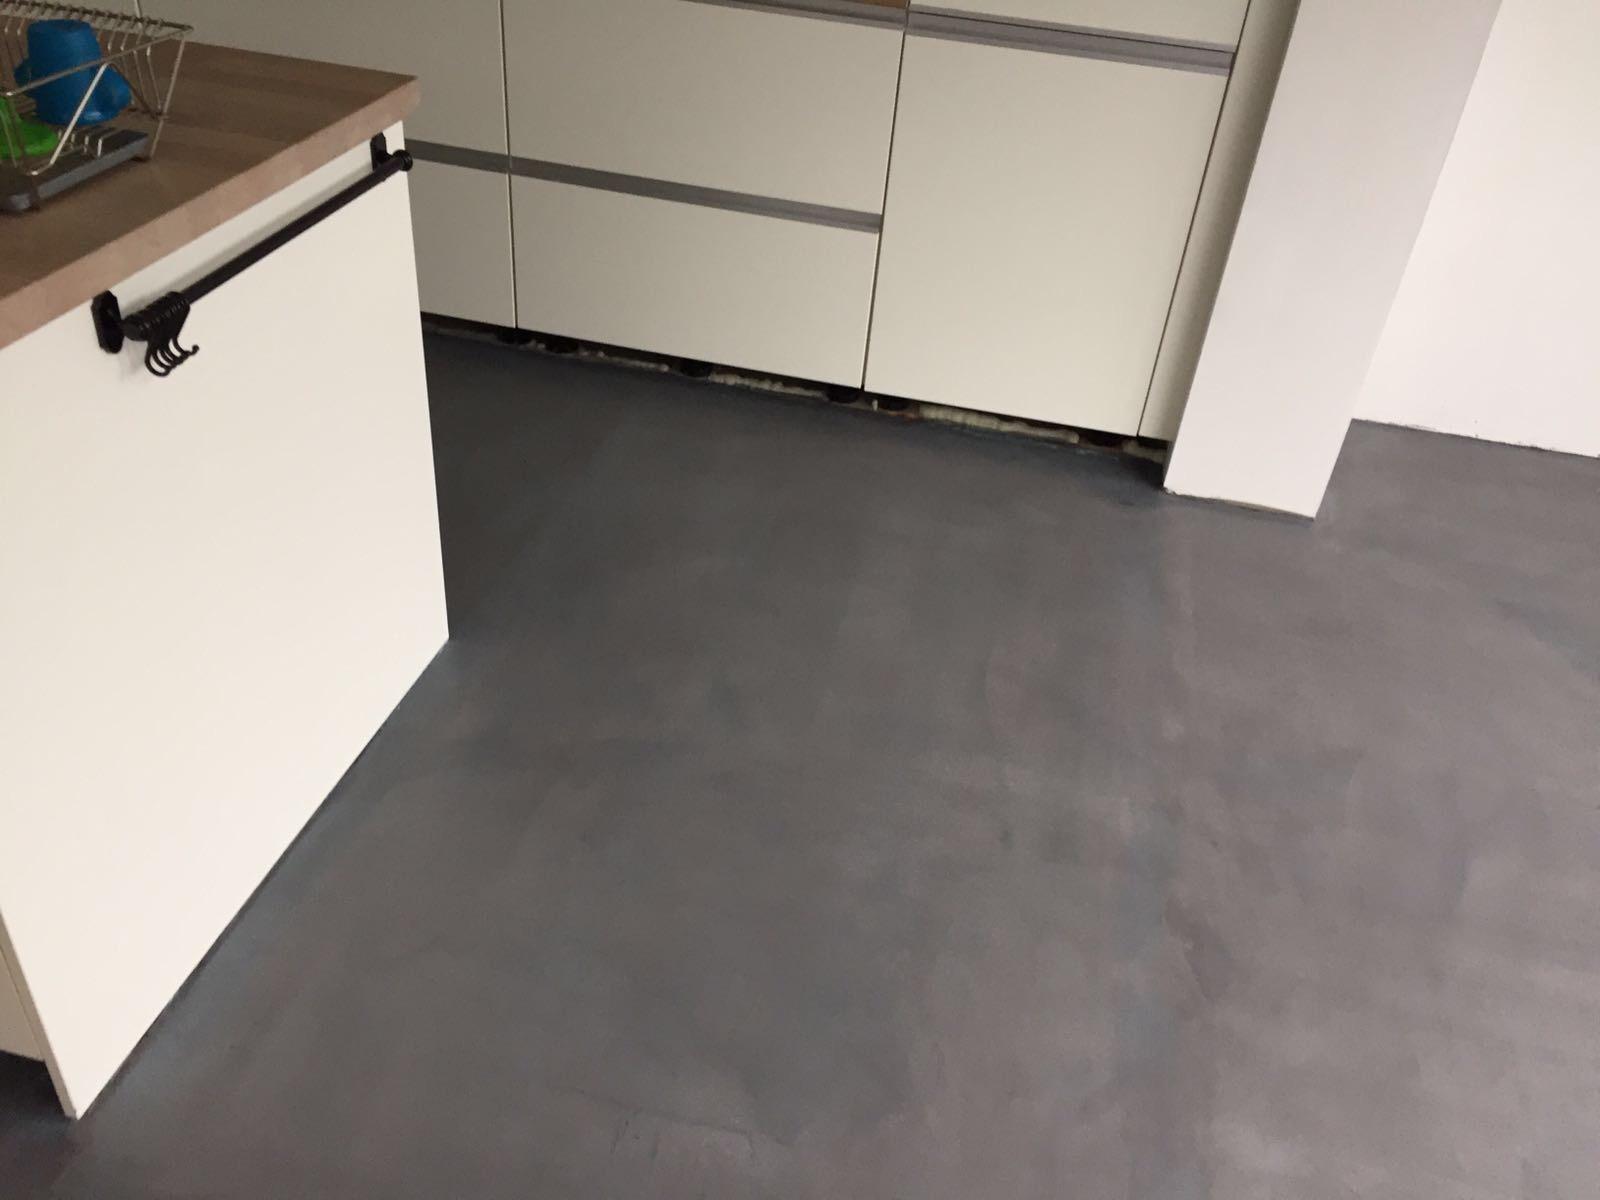 Betonlook keuken u kast en andere meubels betonlook geven leef